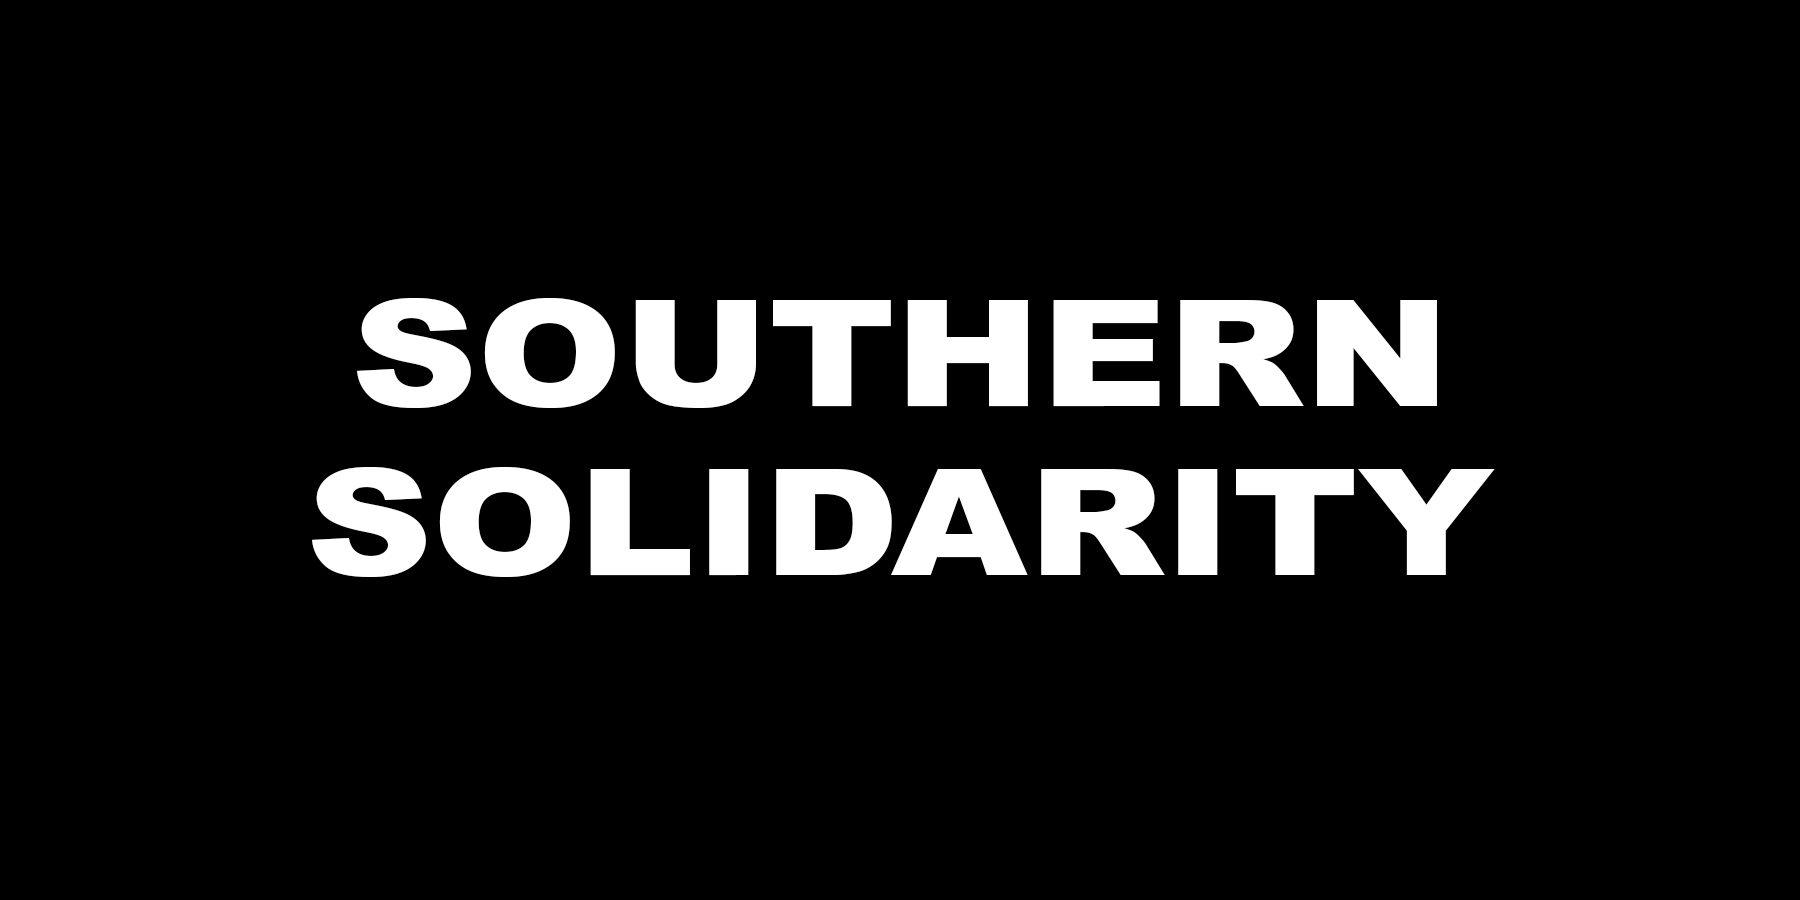 Southern Solidarity